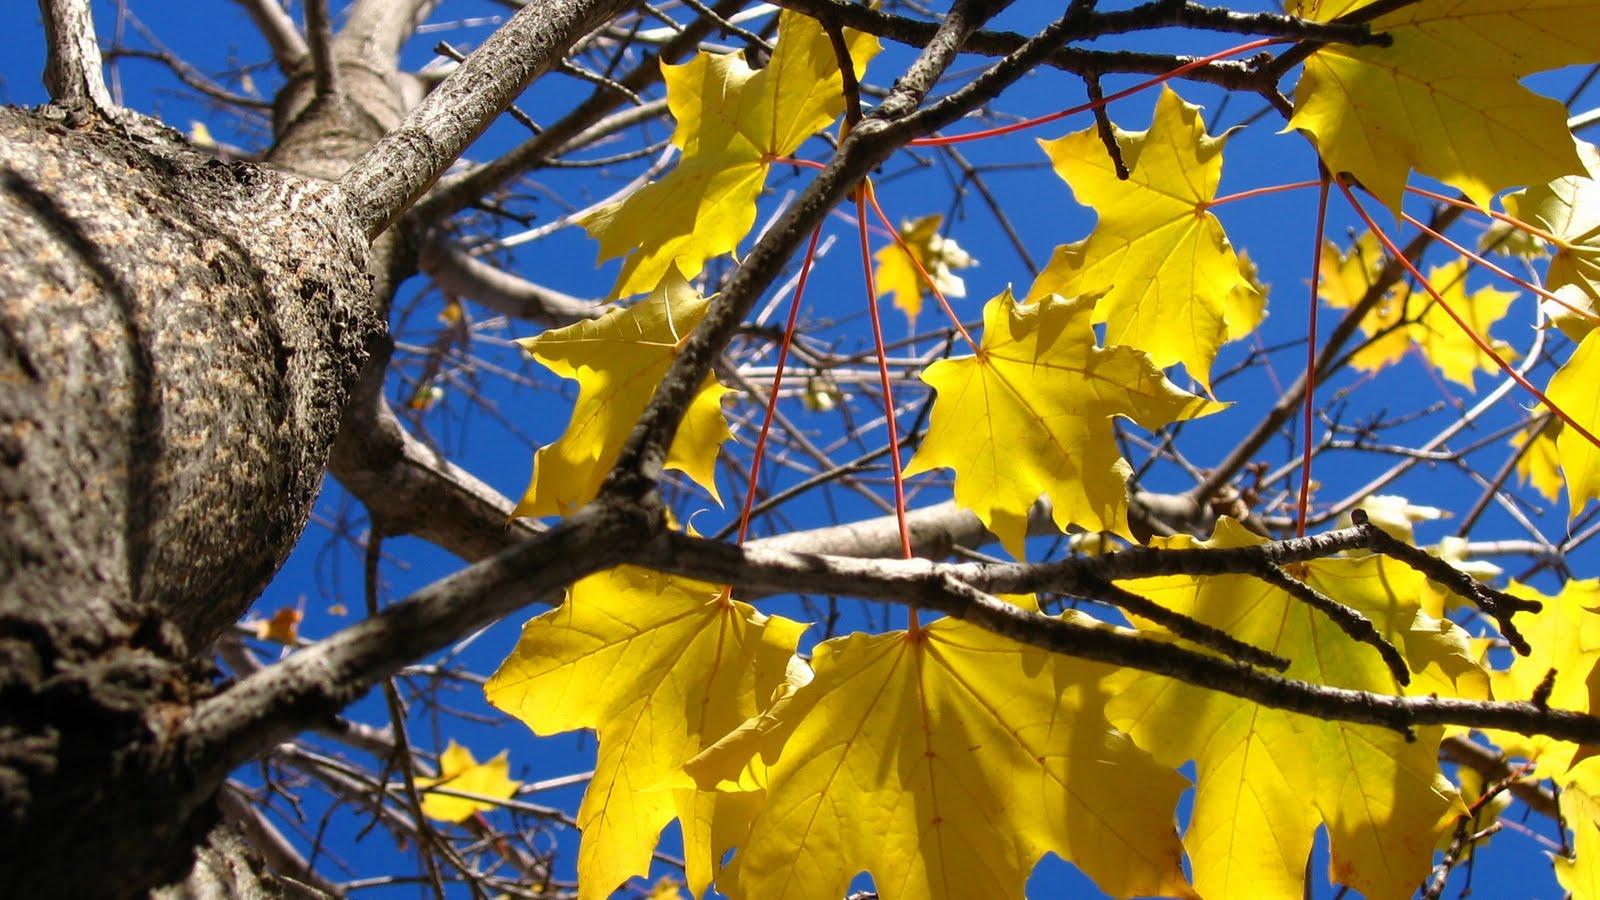 Gambar Pemandangan Musim Gugur Yang Sangat Indah Wallpaper